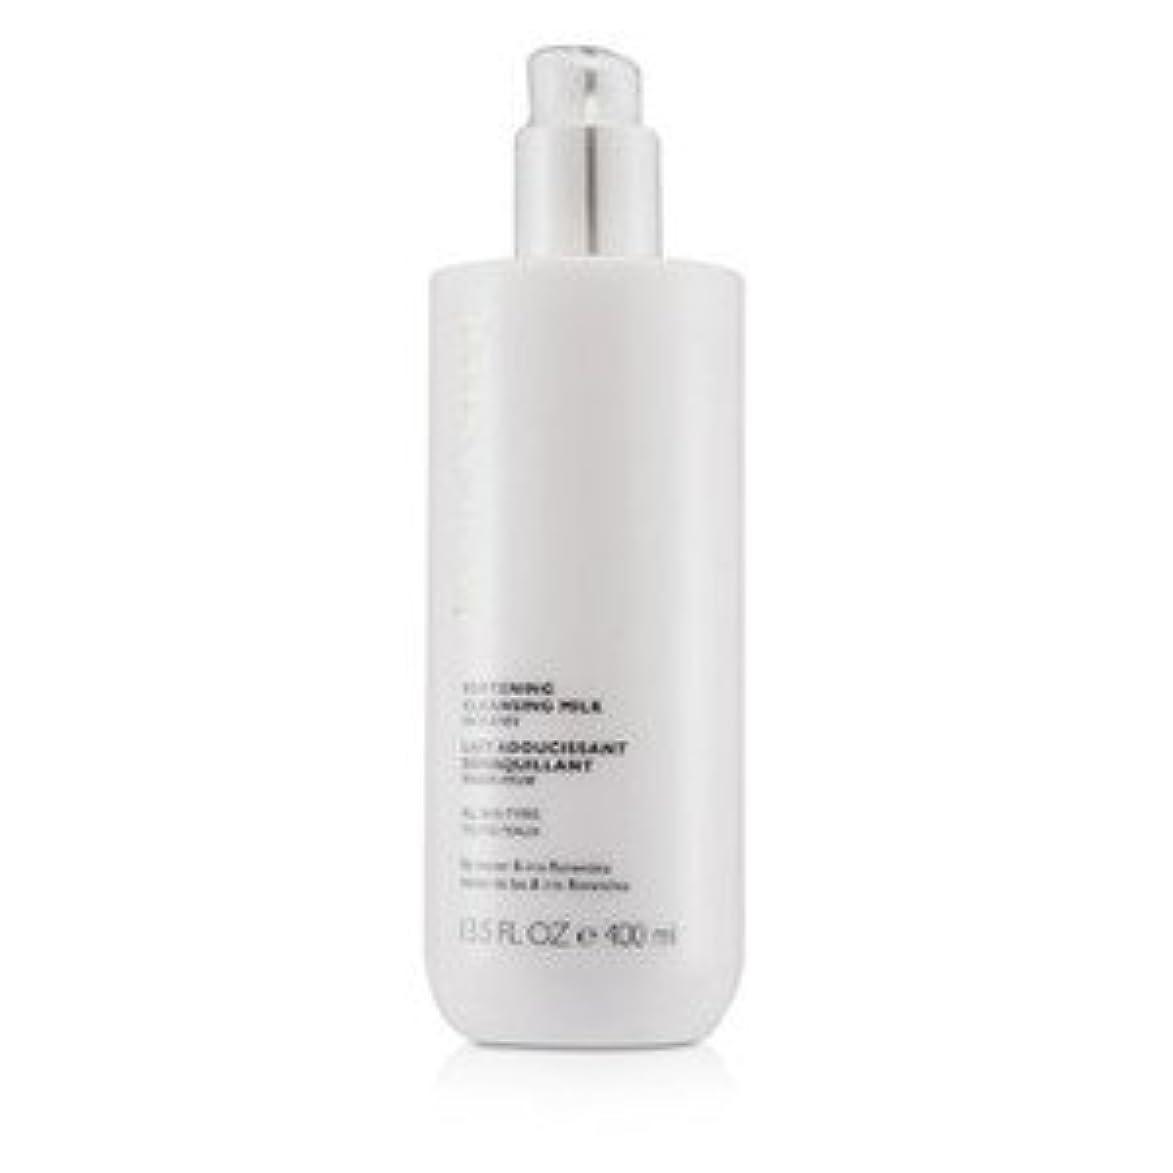 明るい作物コアLANCASTER(ランカスター) ソフトニング クレンジング ミルク 400ml/13.5oz [並行輸入品]